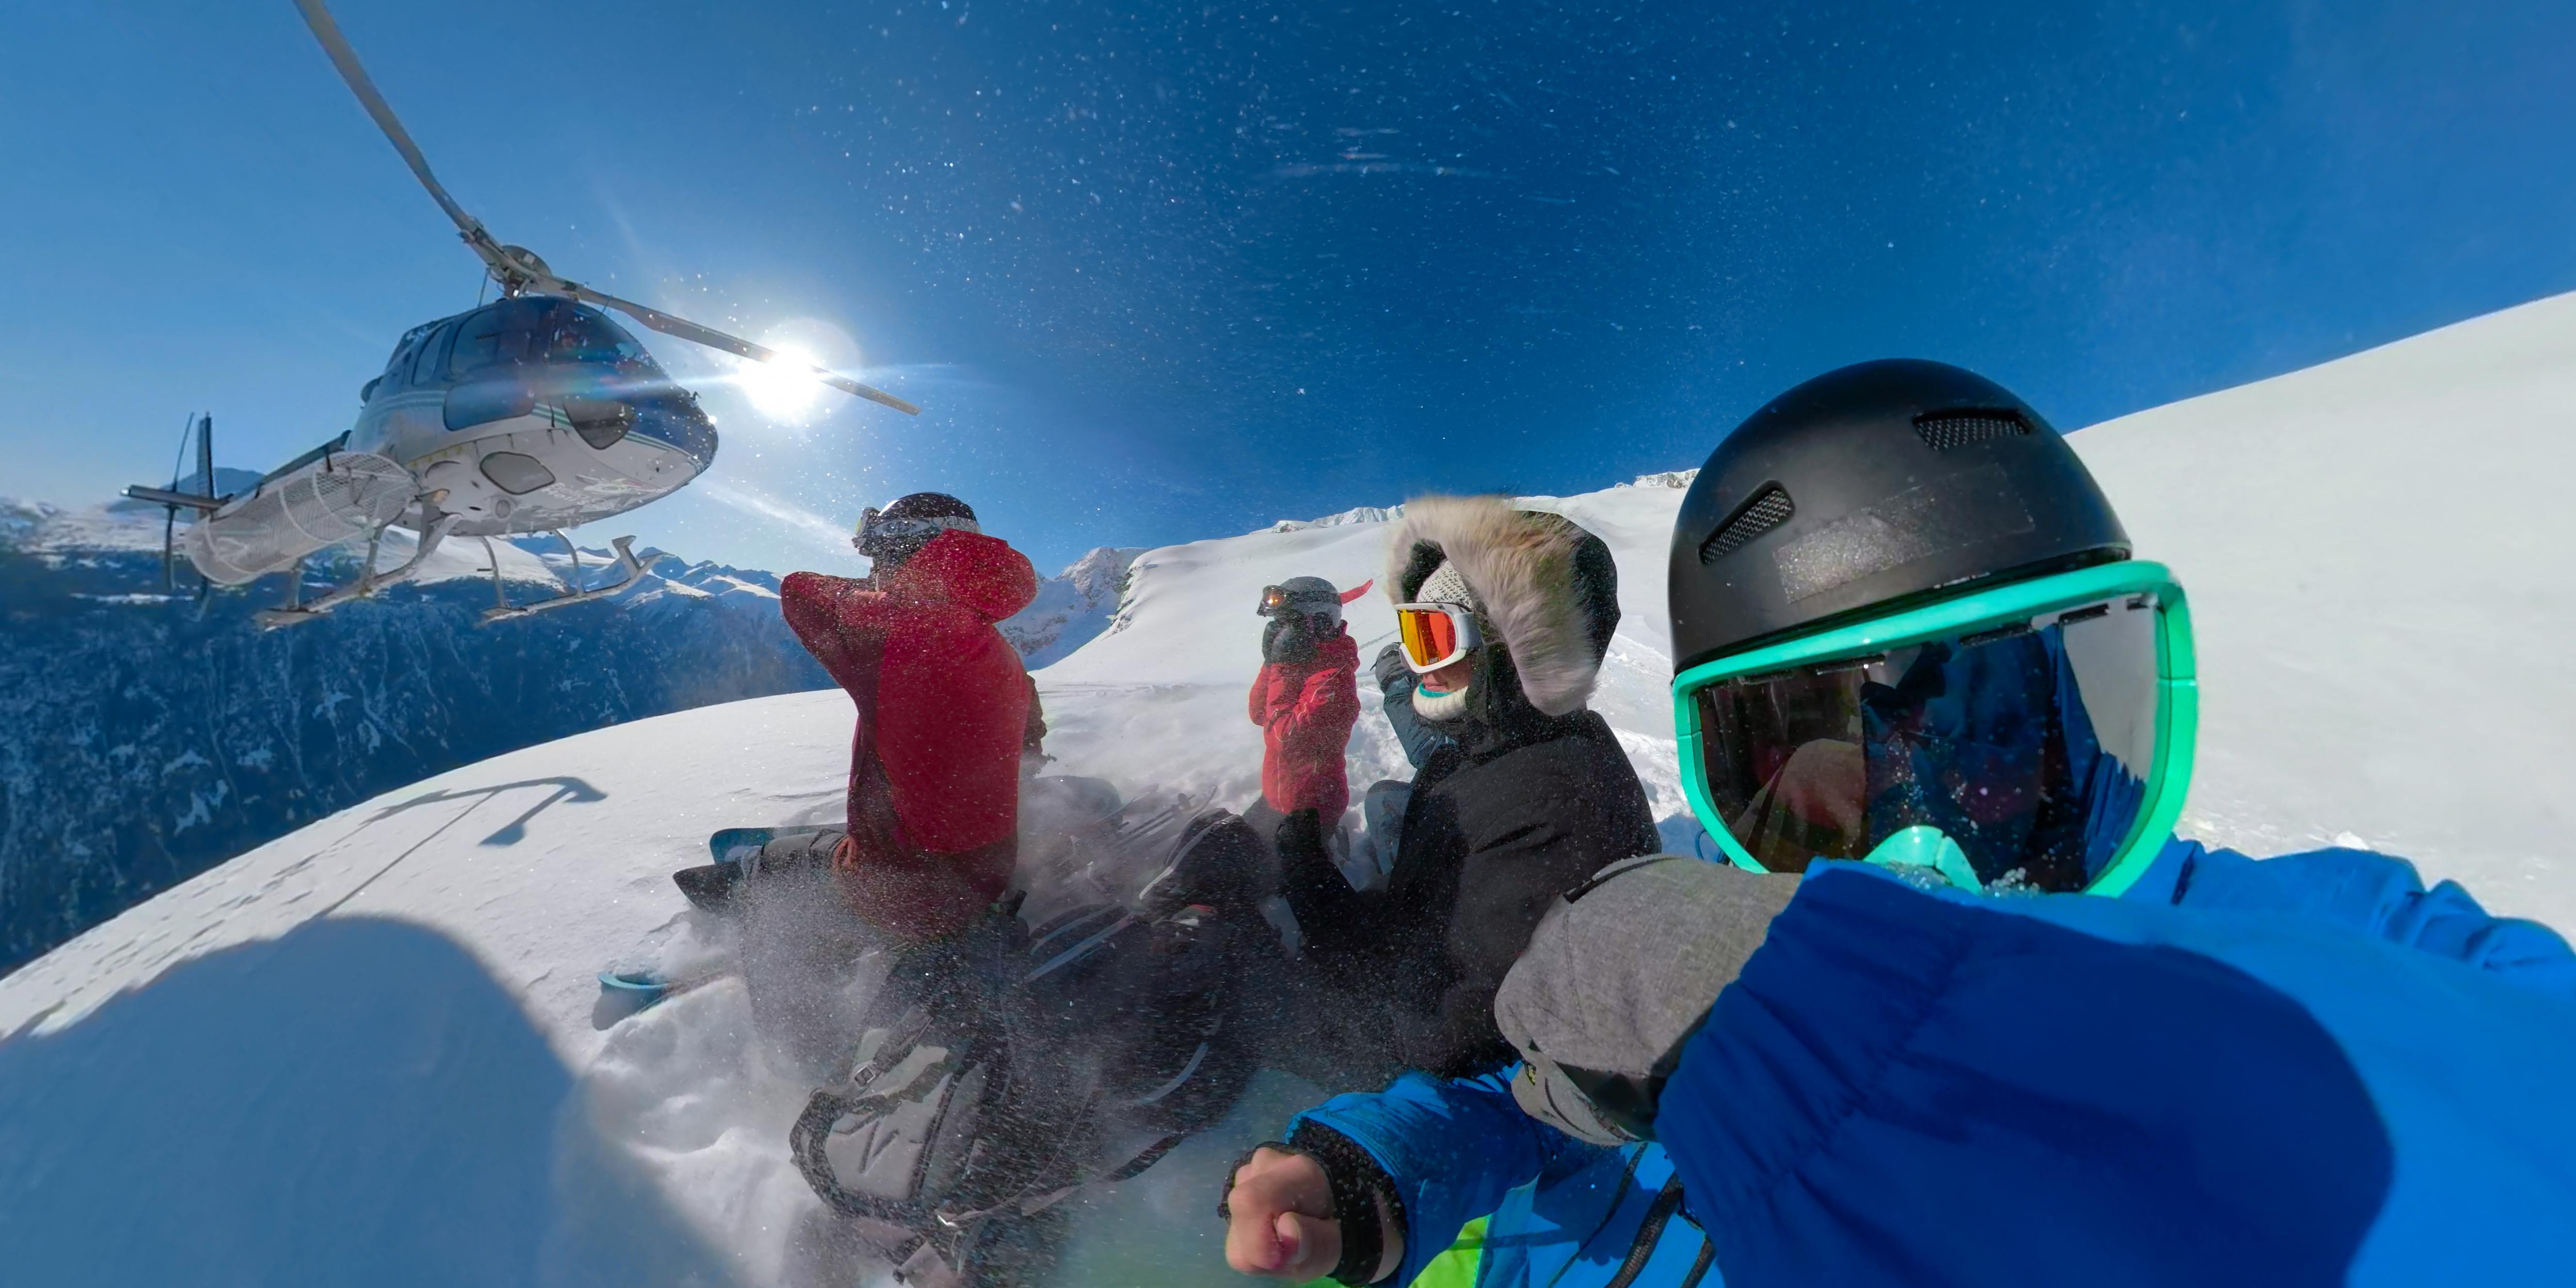 Skijaši/bordaši na vrhu snježne planine gledaju dolazak helikoptera